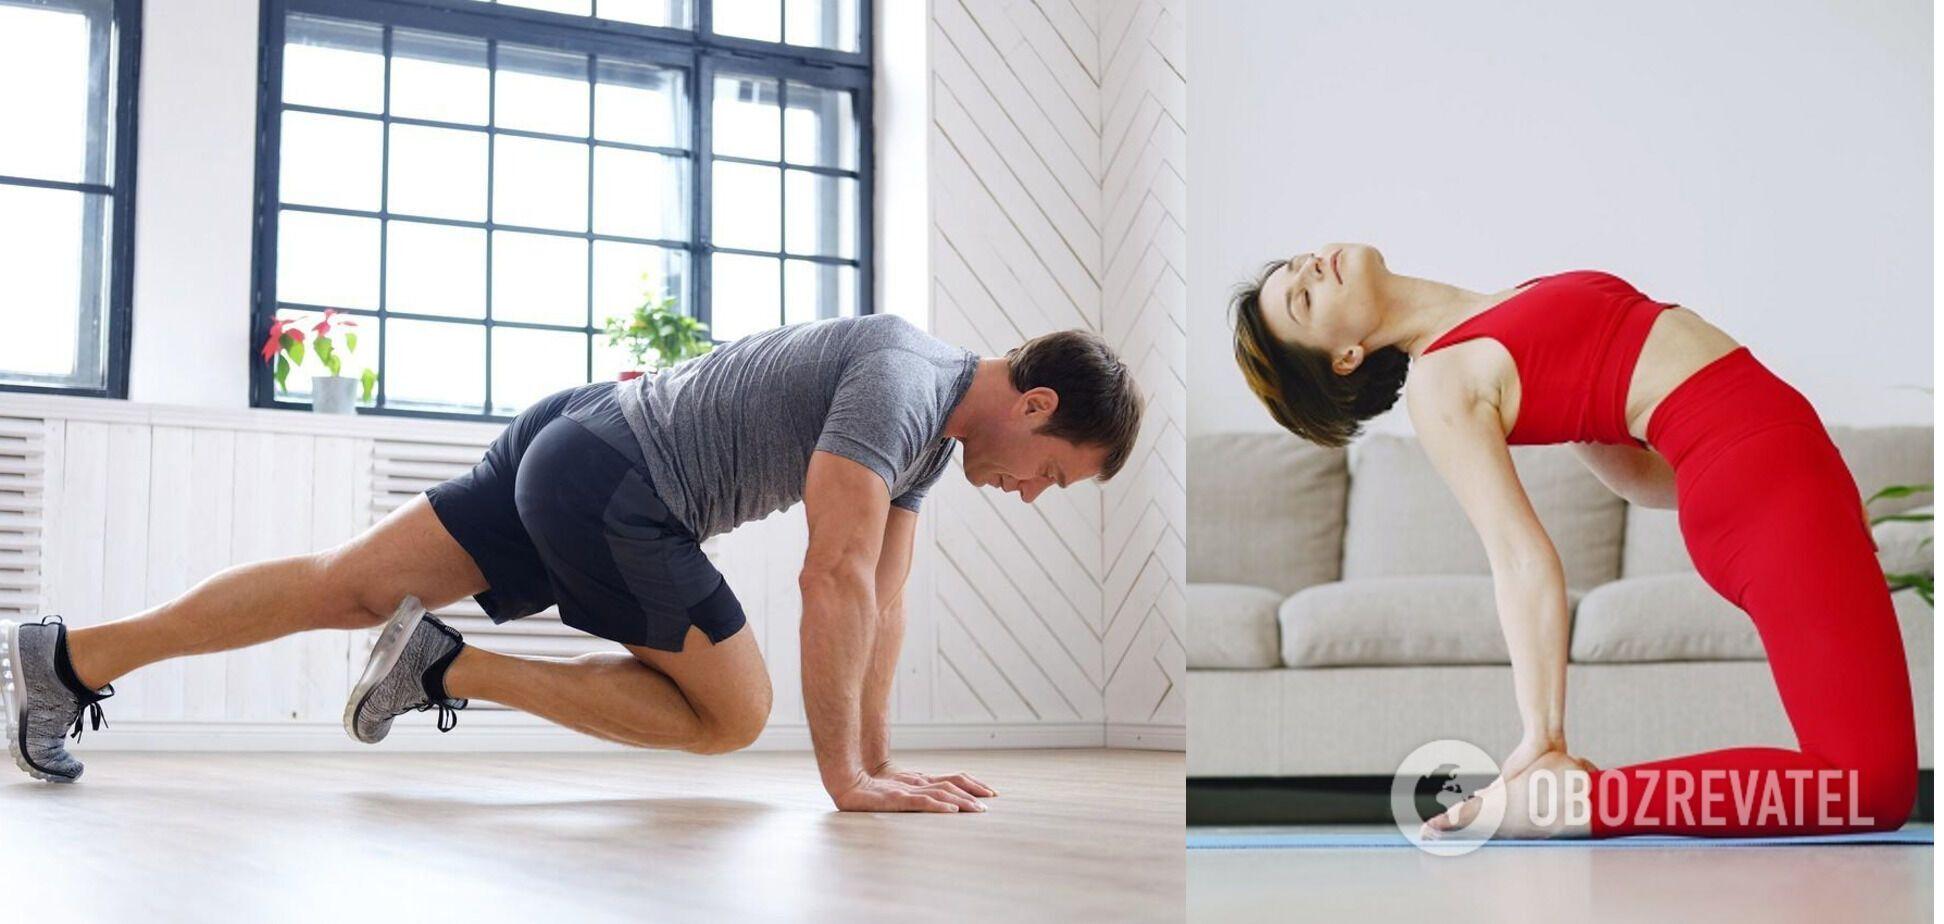 Регулярні вправи на зміцнення м'язів, пов'язані з аеробними навантаженнями, можуть знизити ризик смертності